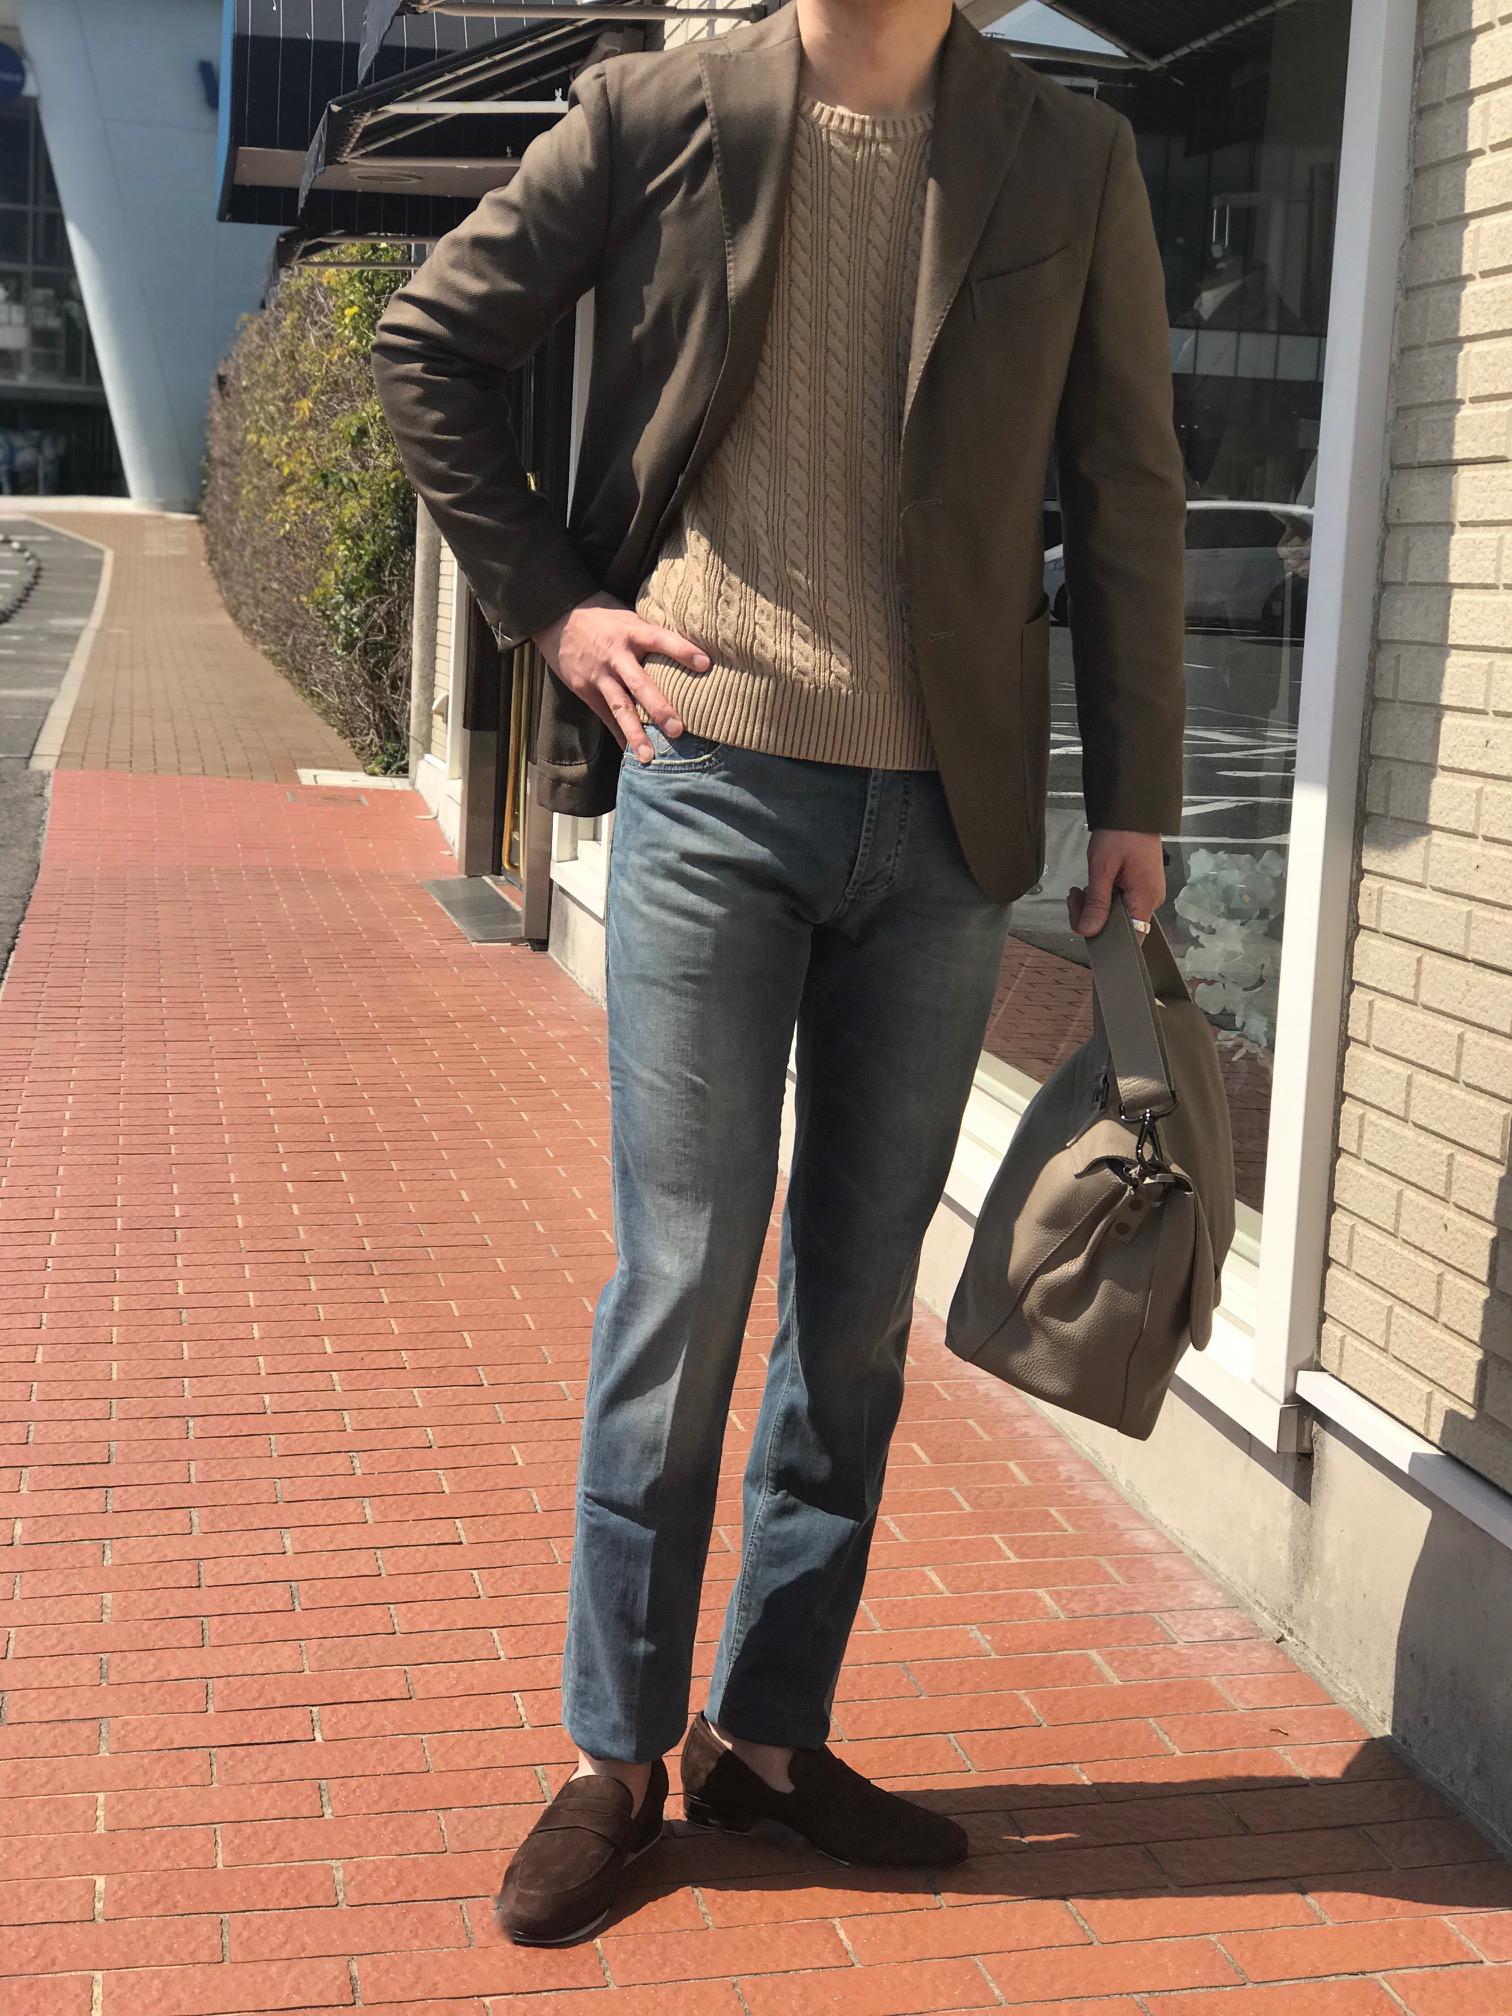 デニムに合わせるジャケットスタイル! 【BOGLIOLI】「K.JACKET」バーズアイ柄&ガーメントダイジャケット!!